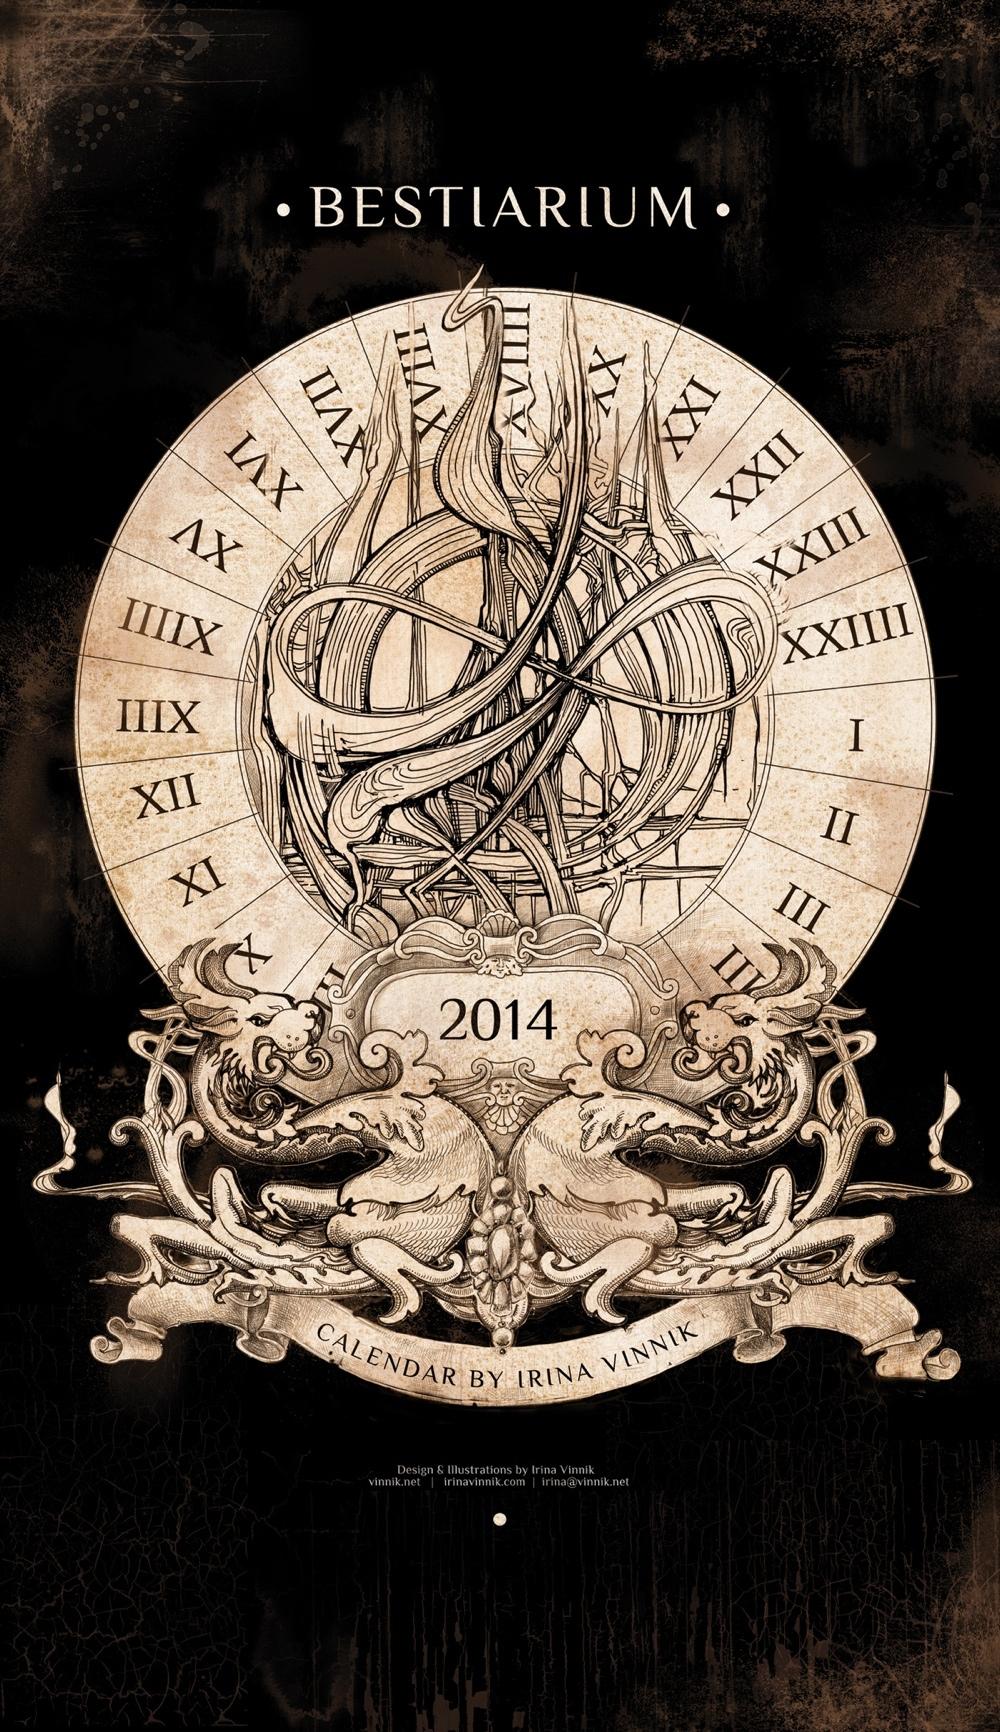 irina-vinnik-calendar2014-00